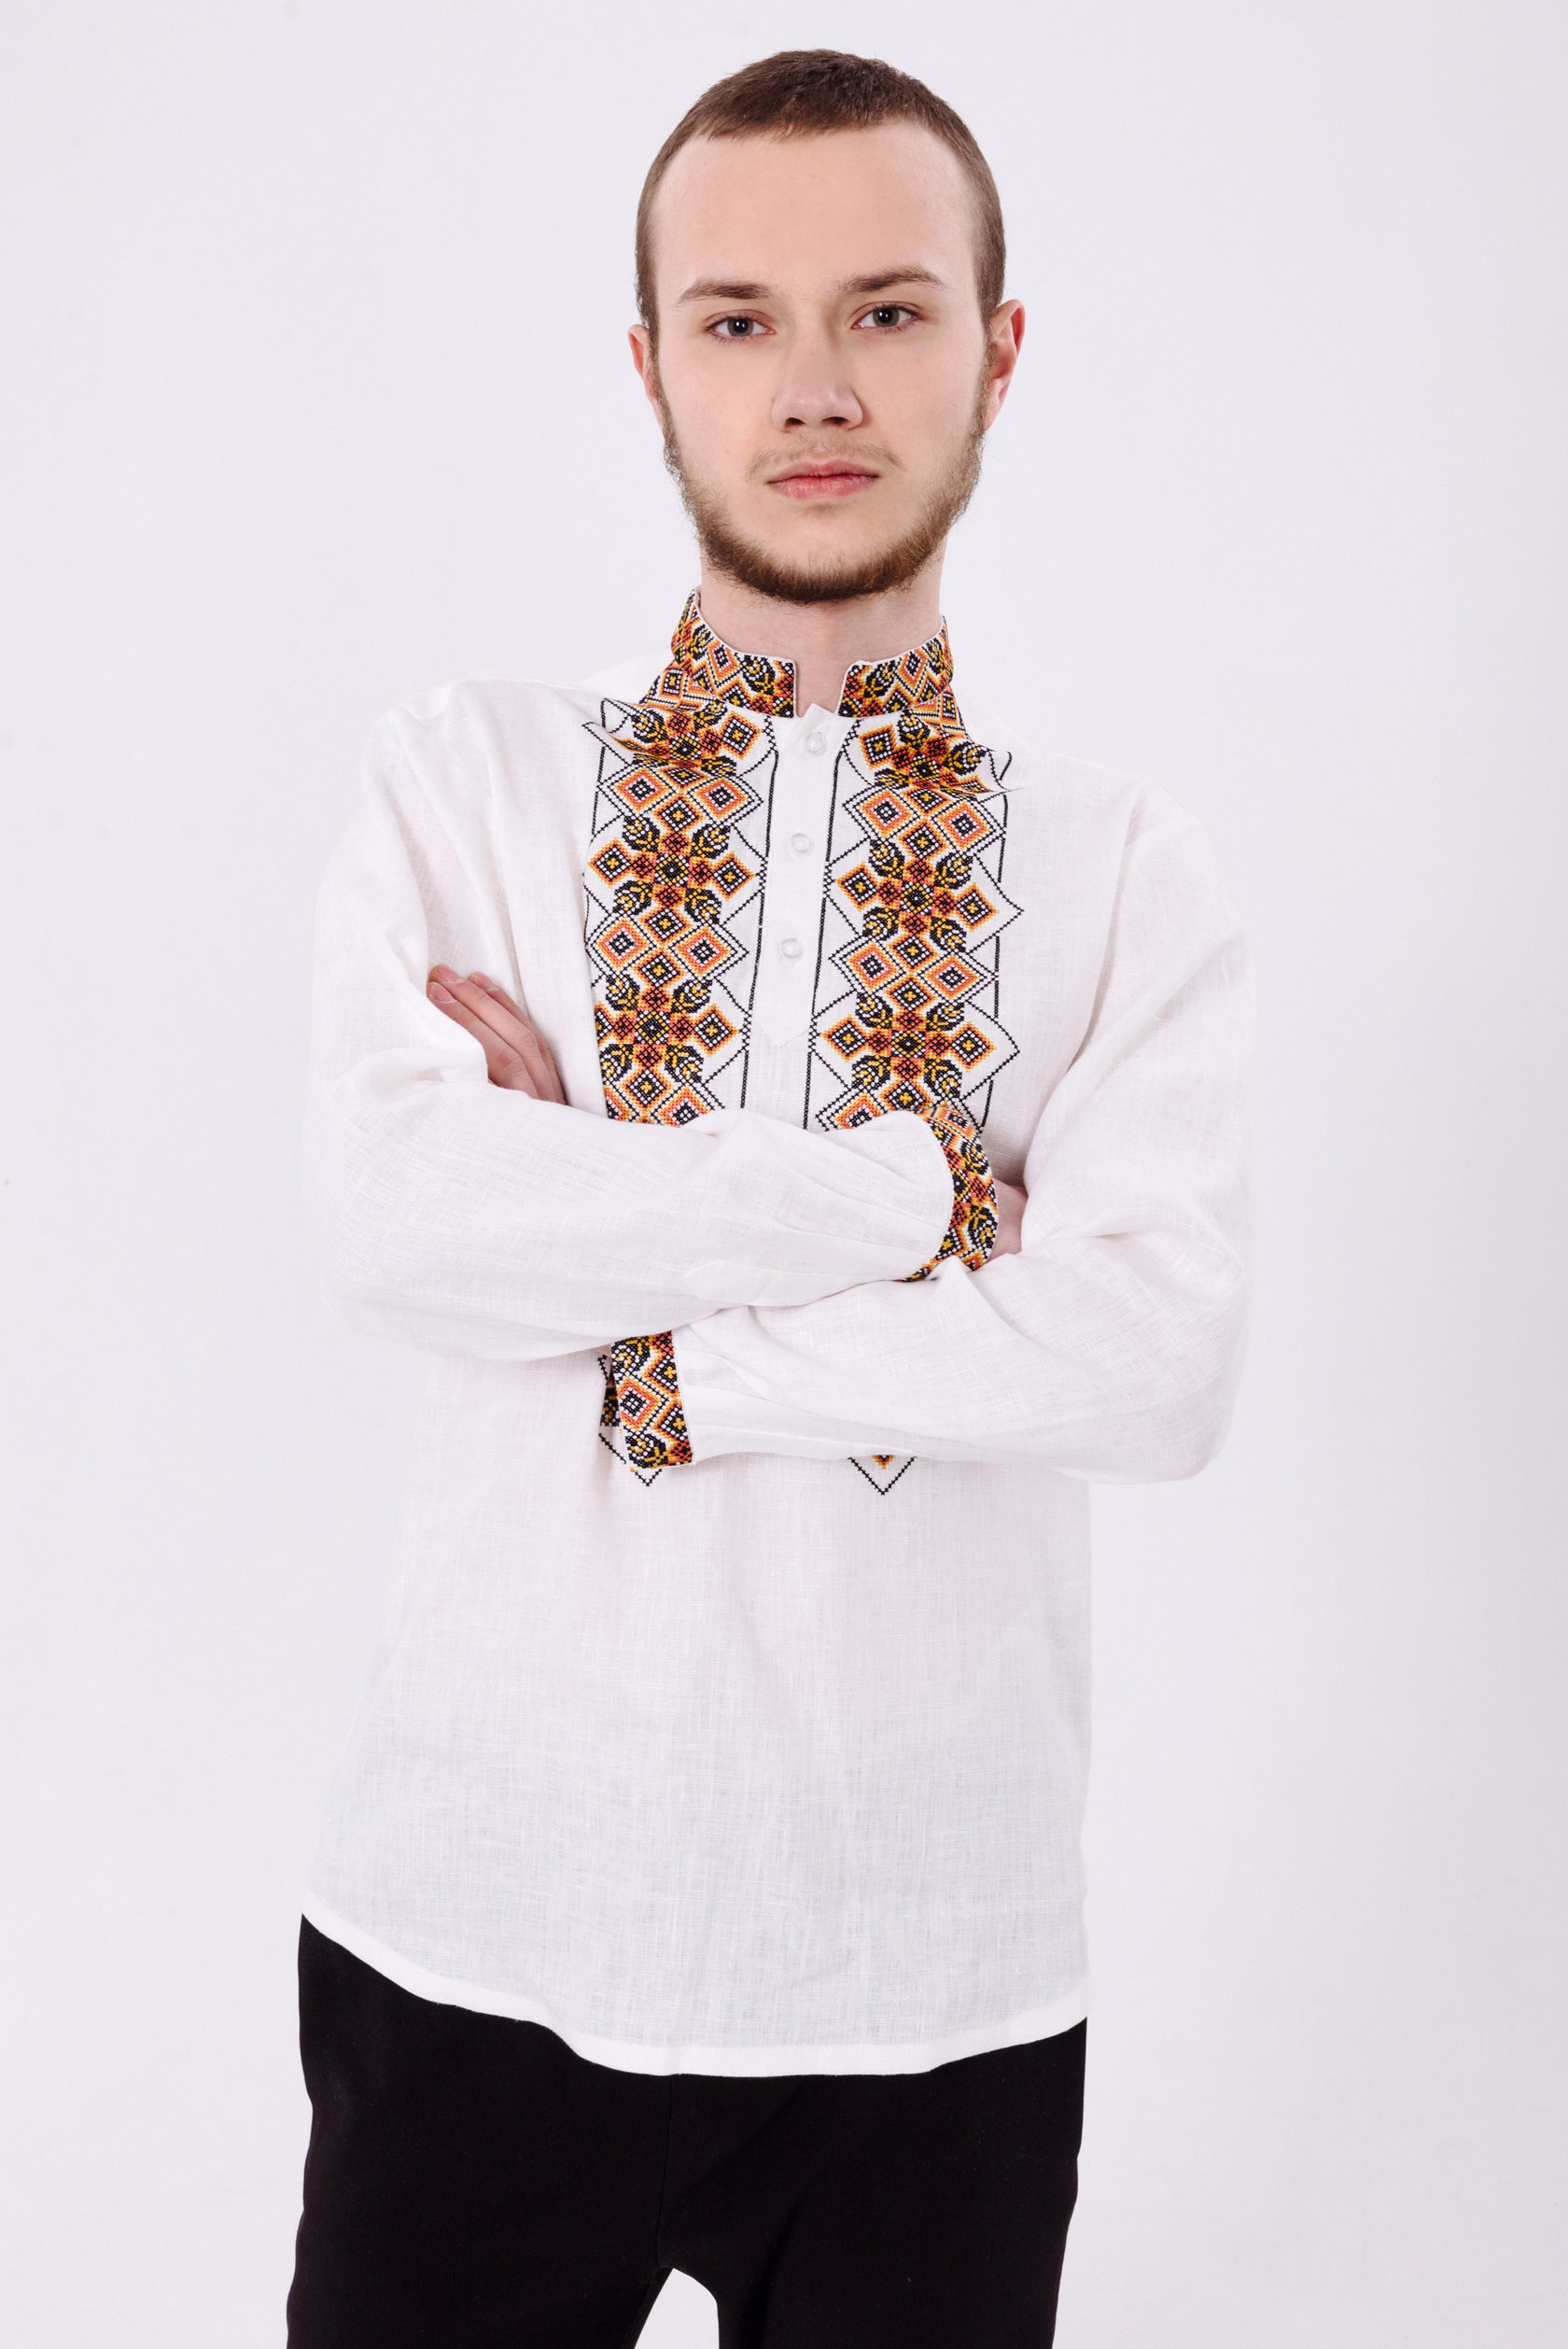 Стильна біла чоловіча вишита сорочка з геометричним орнаментом на довгий  рукав 23e2baaa3ae0d